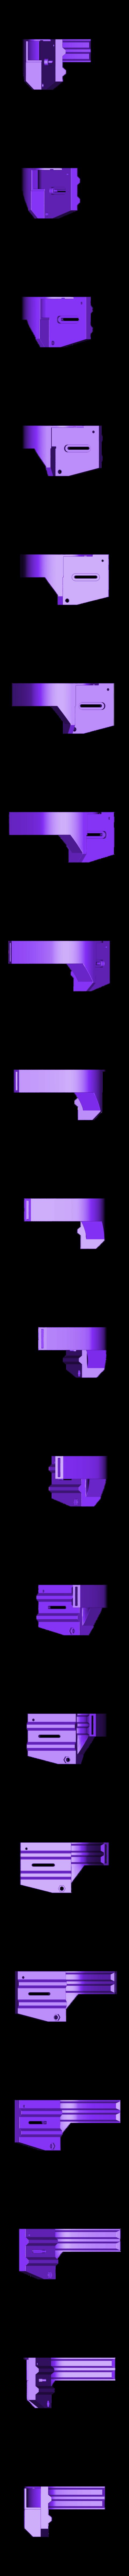 bec_5015.STL Download free STL file Direct Drive- E3DV6- Bondtech (right)-Bltouch • 3D printer template, kim_razor